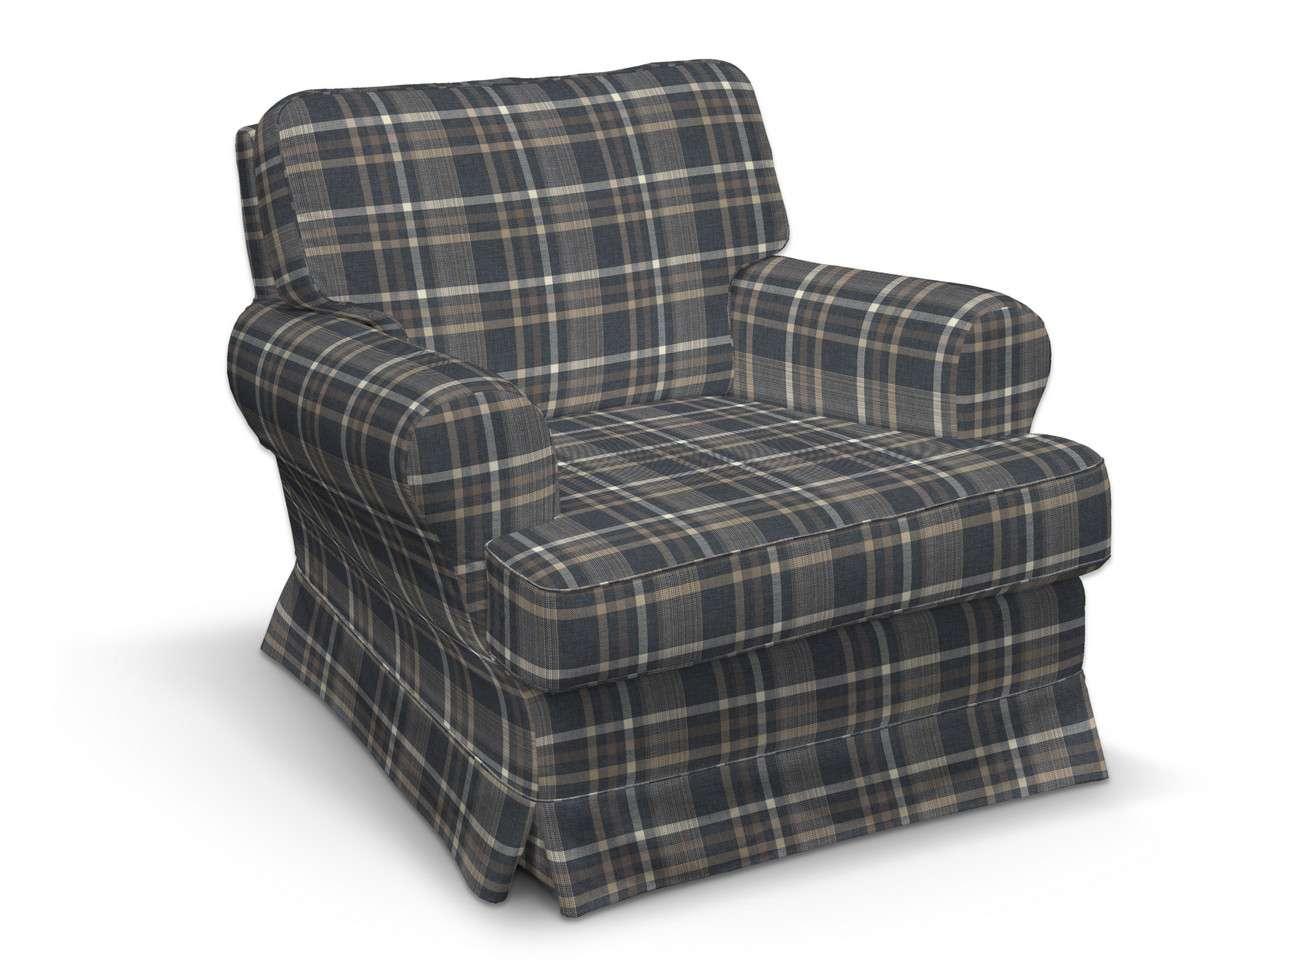 Pokrowiec na fotel Barkaby w kolekcji Edinburgh, tkanina: 703-16